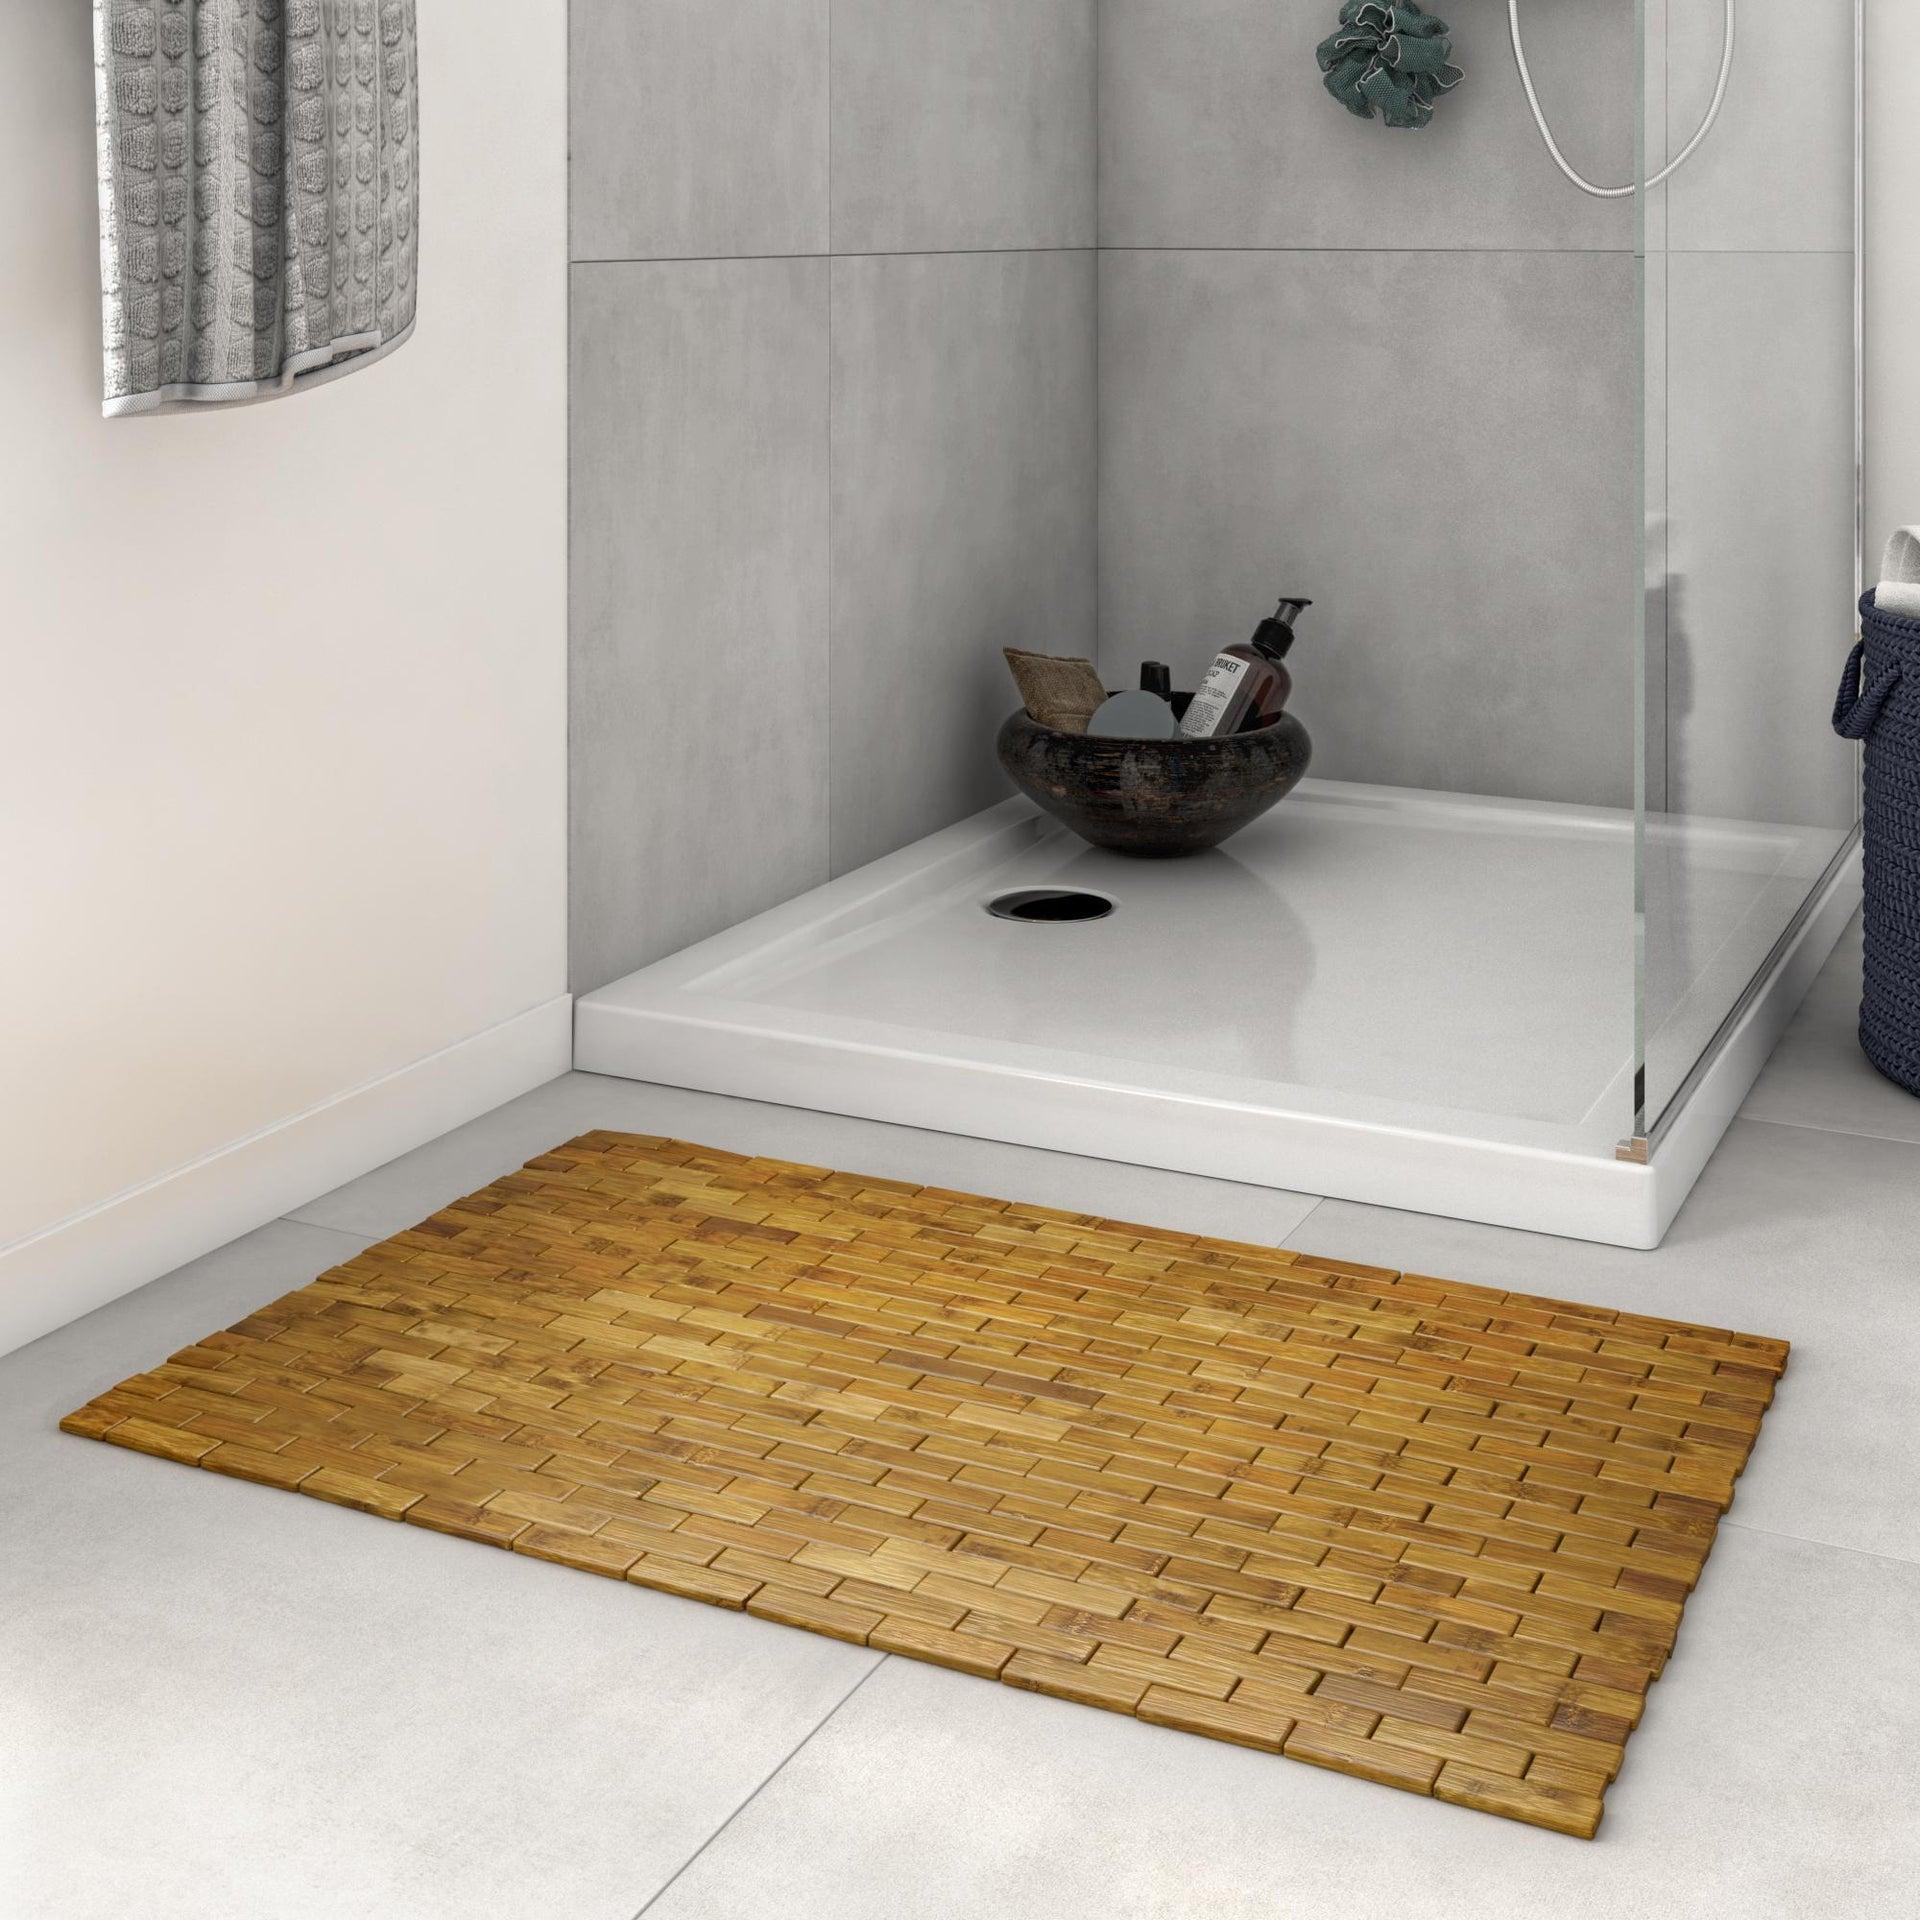 Tappeto bagno rettangolare Domino in bambù marrone 80 x 50 cm - 4